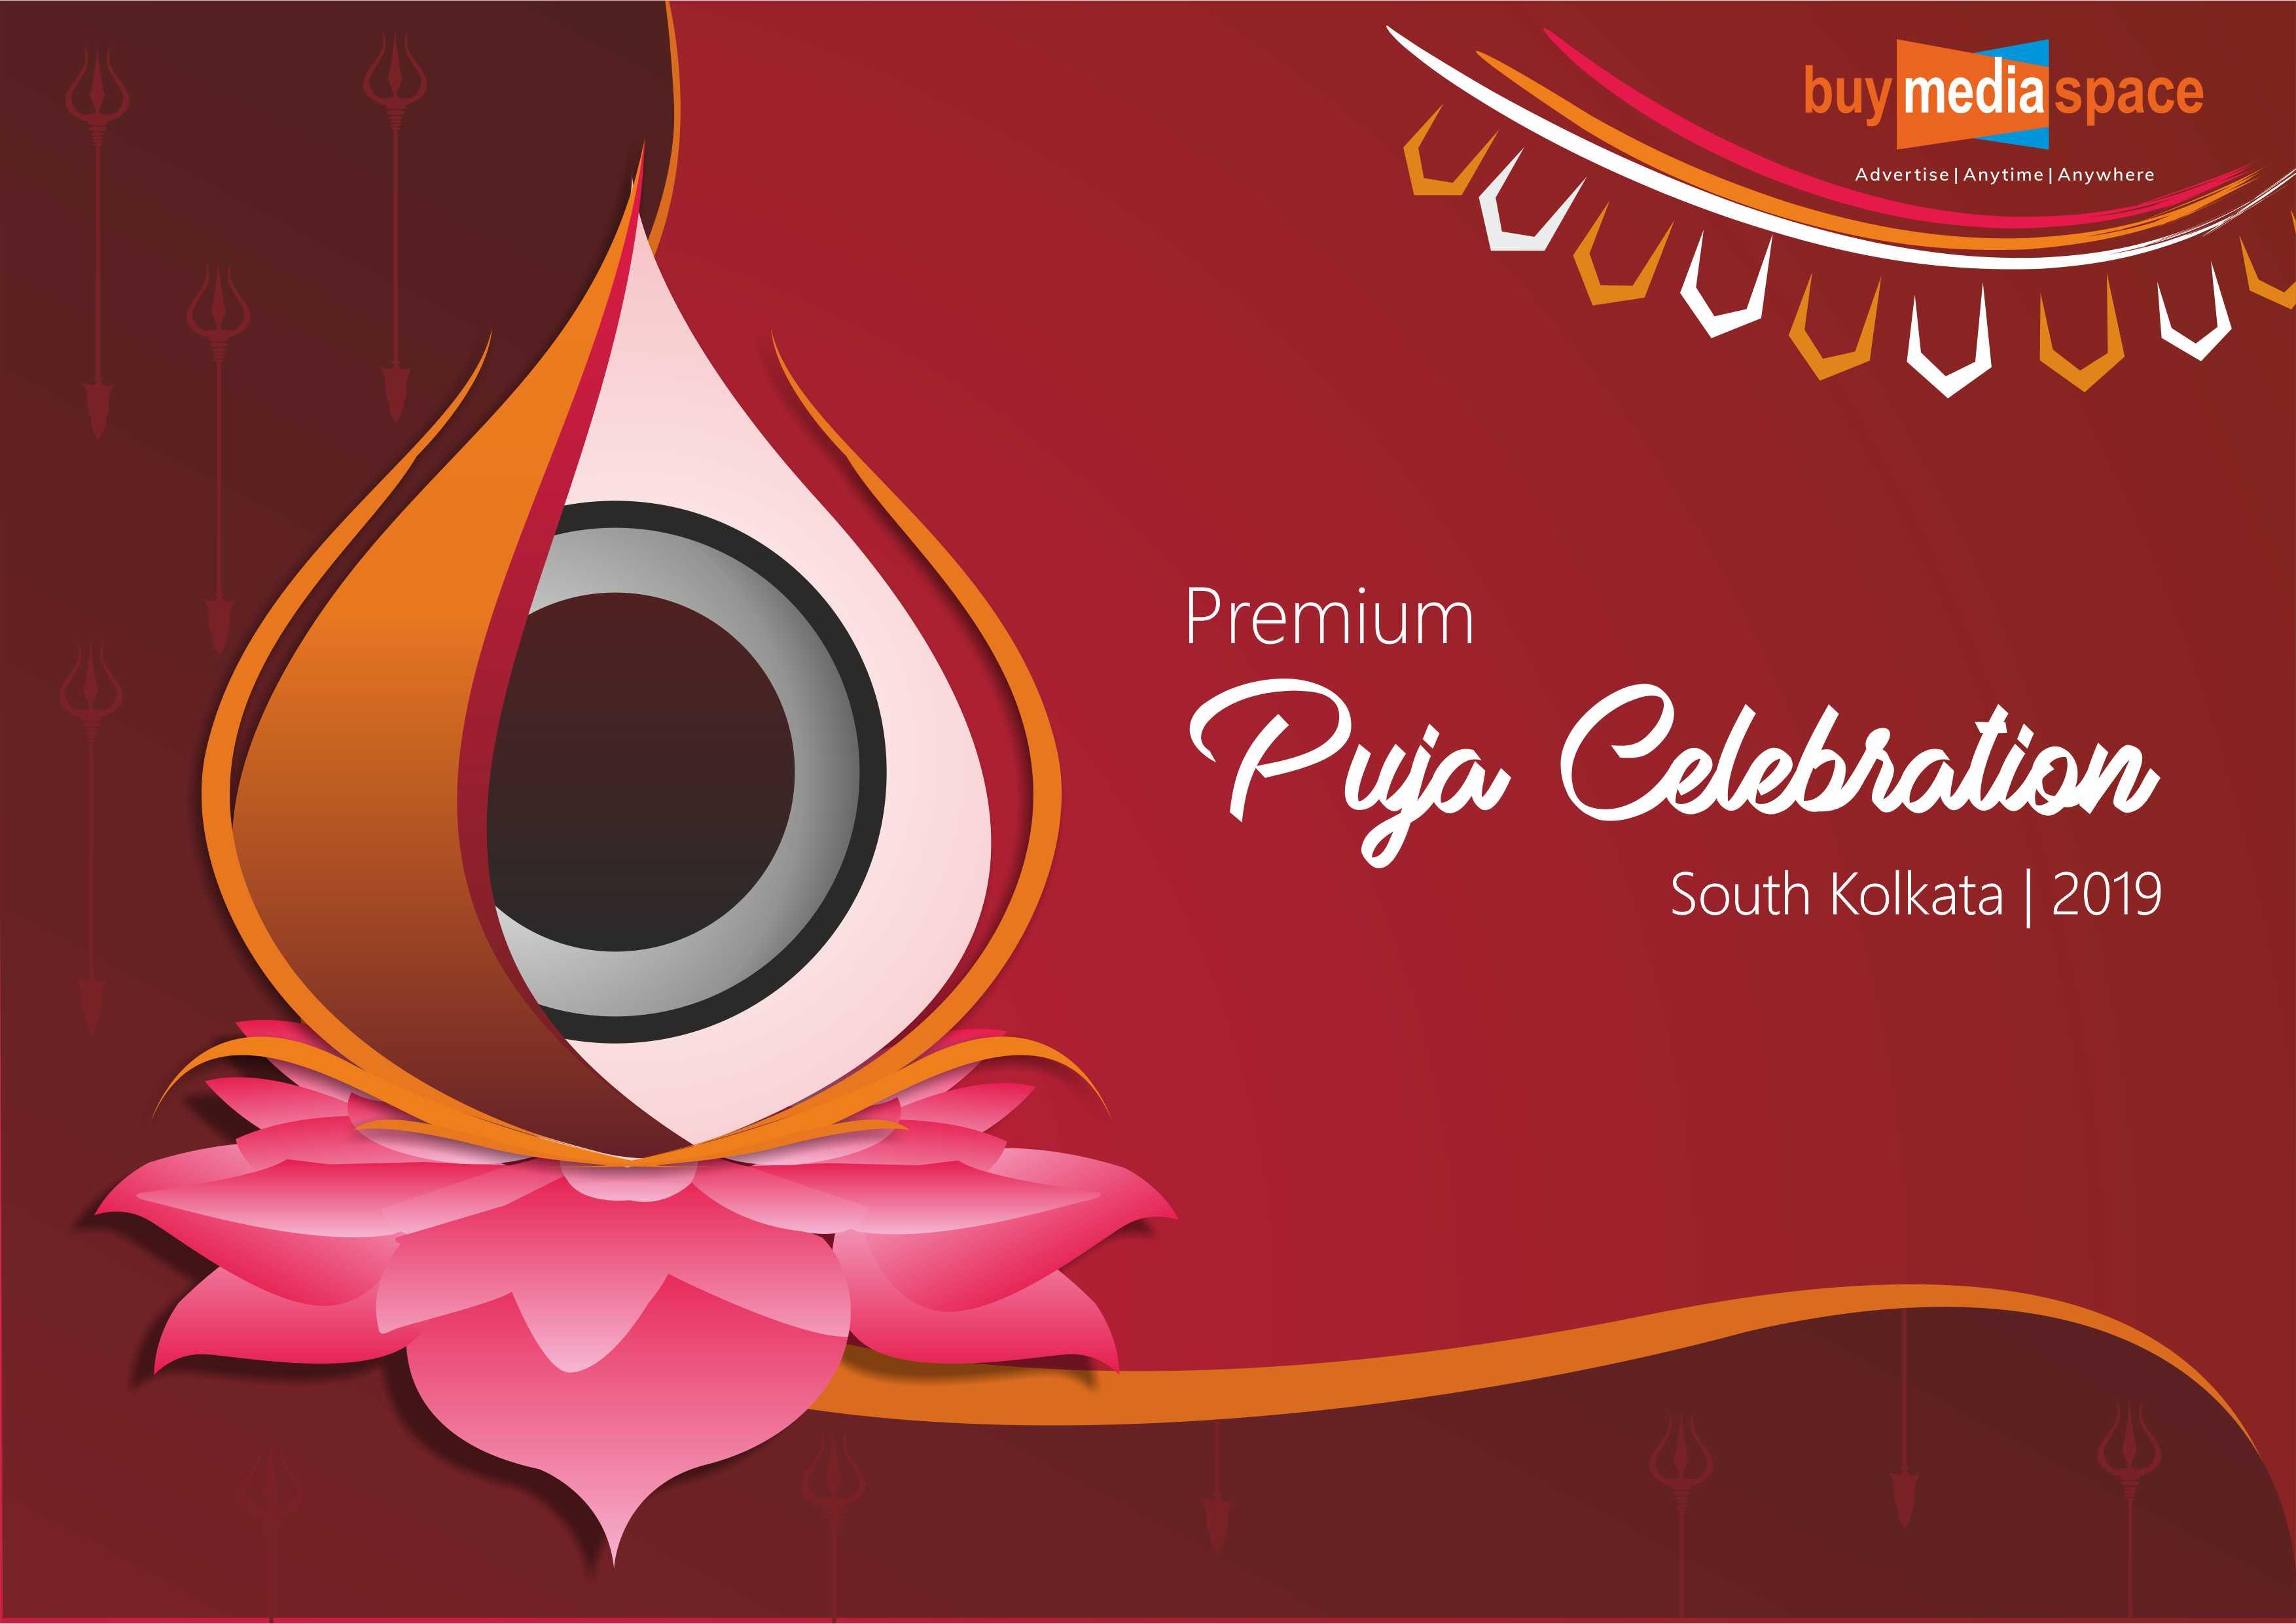 Premium Puja Celebration - South Kolkata